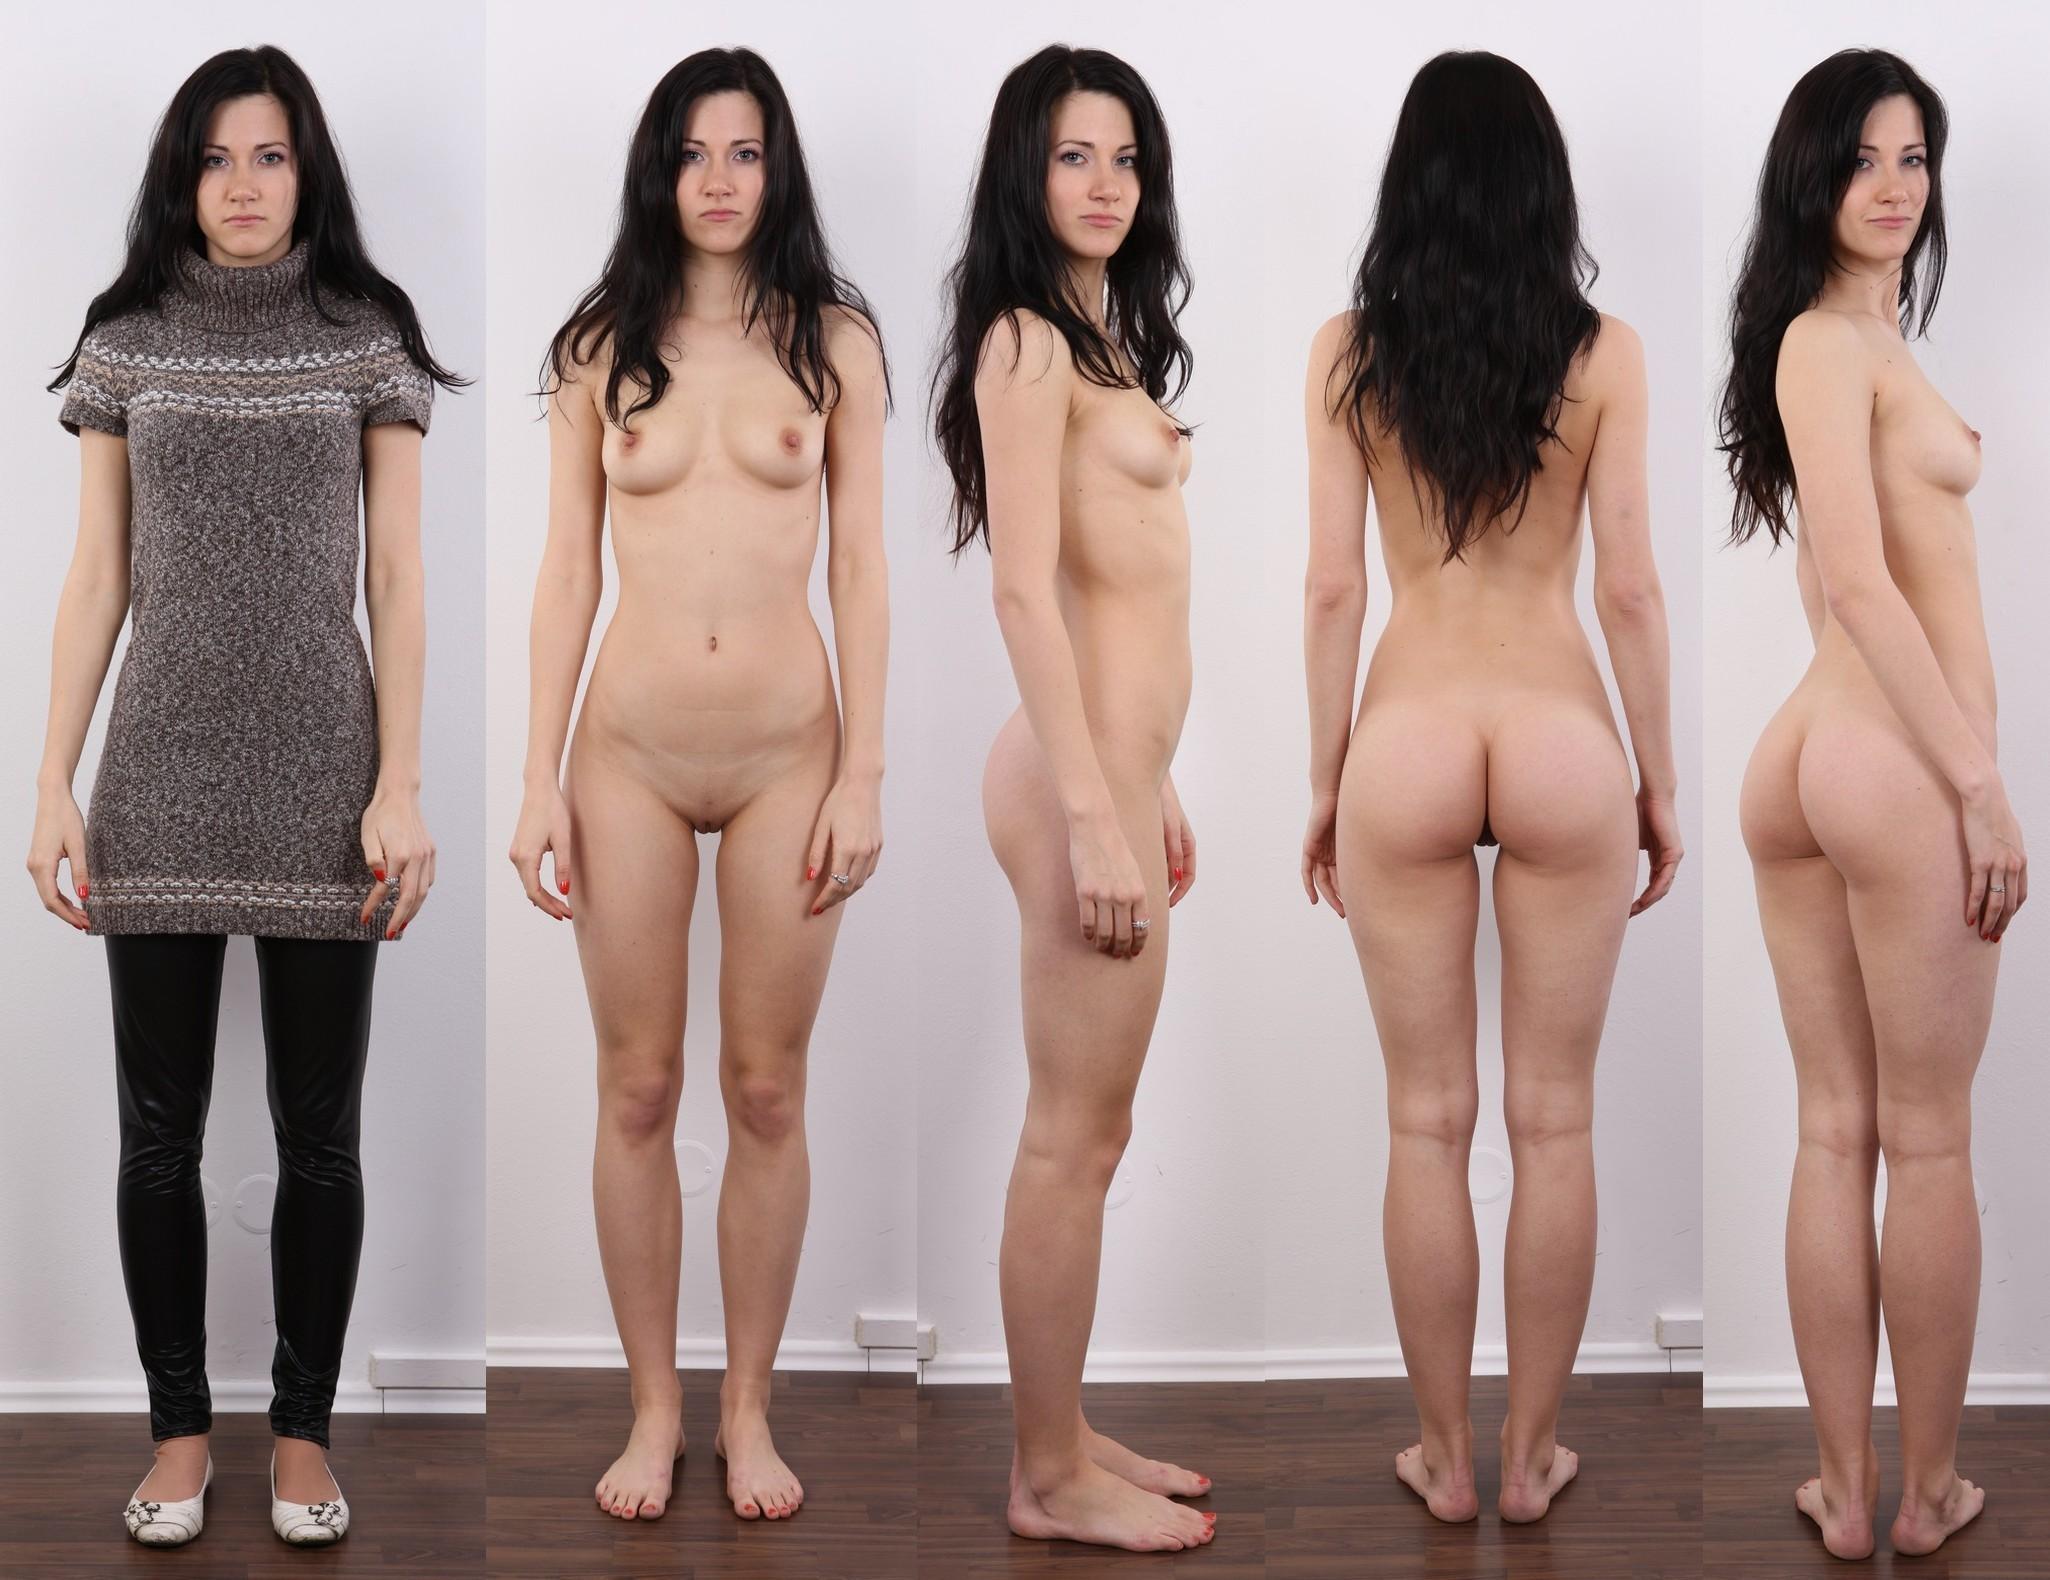 Фото Больших Голых Русских Женщин